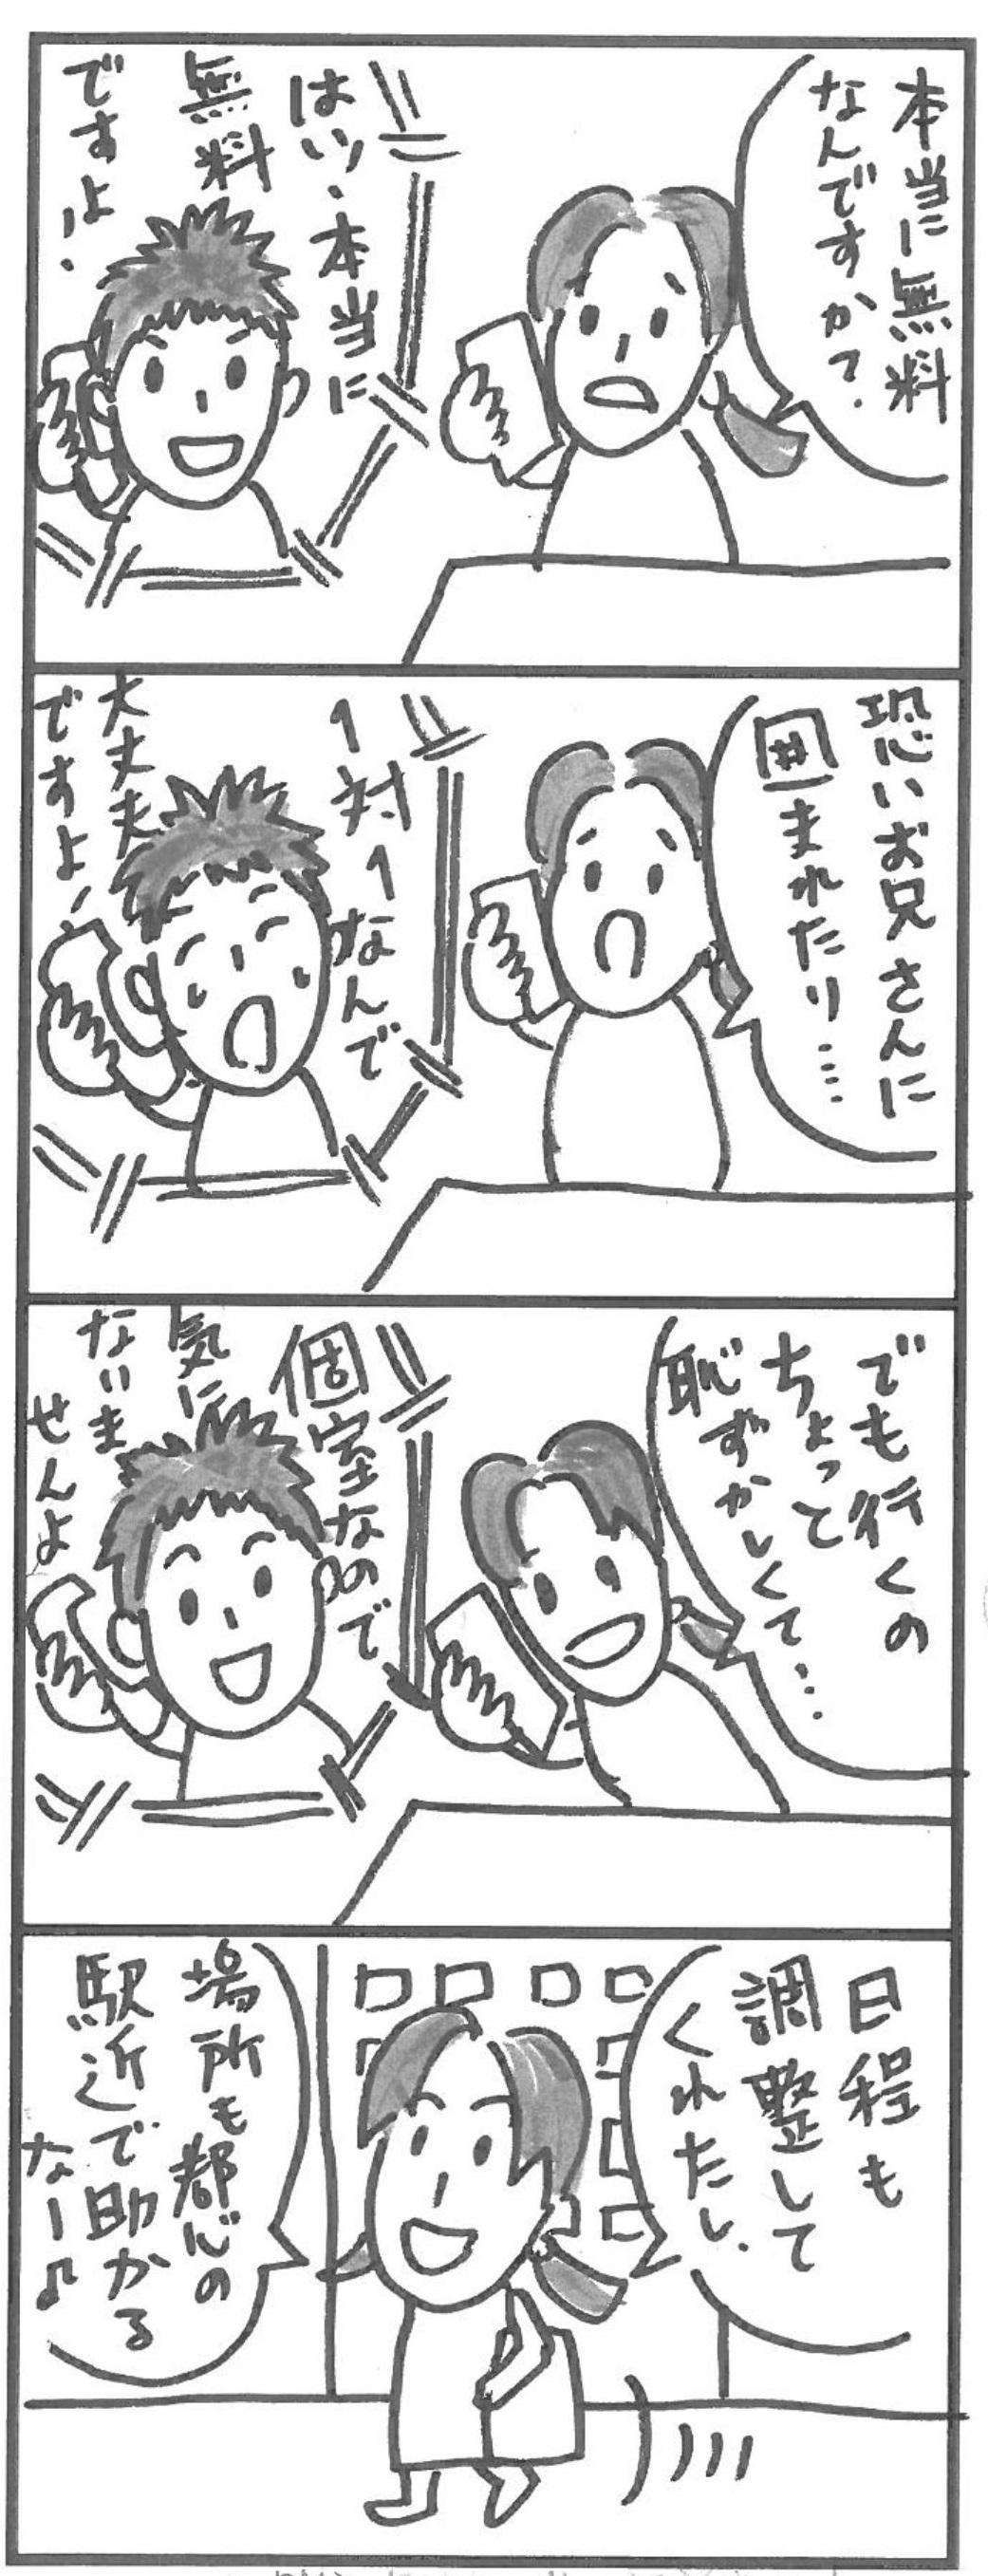 http://www.dearbride.tokyo/blogs/20171108-homepage.jpg